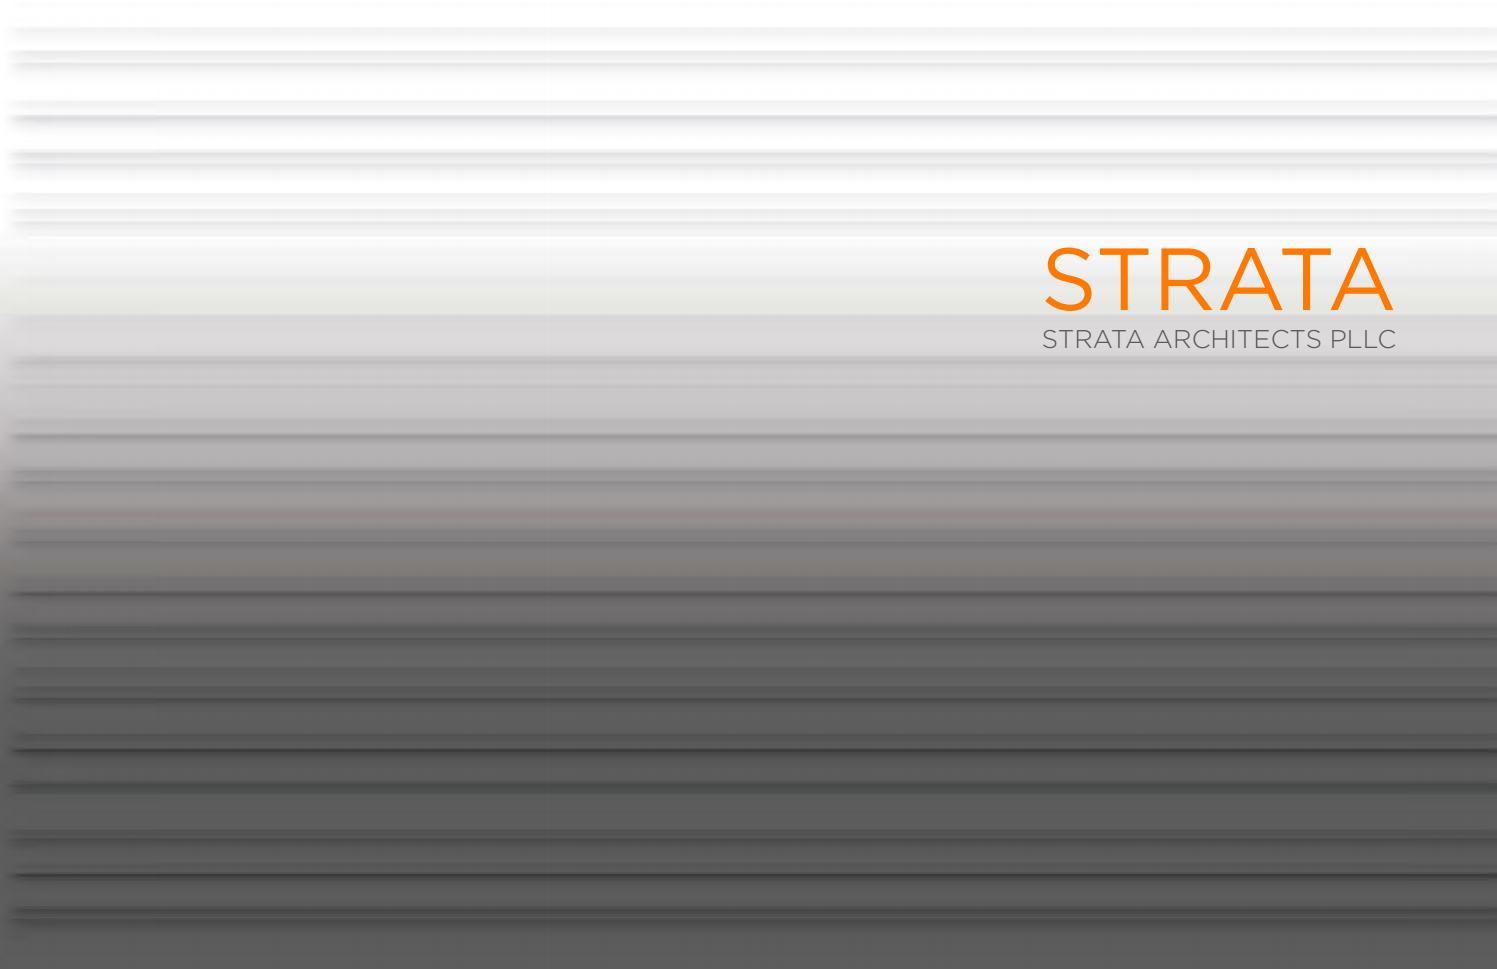 retail schematic design, vimeo schematic design, simple schematic design, air conditioner schematic design, test prep schematic design, building layout schematic design, are forum schematic design, revit schematic design, at at schematic design, on ncarb schematic design vignette